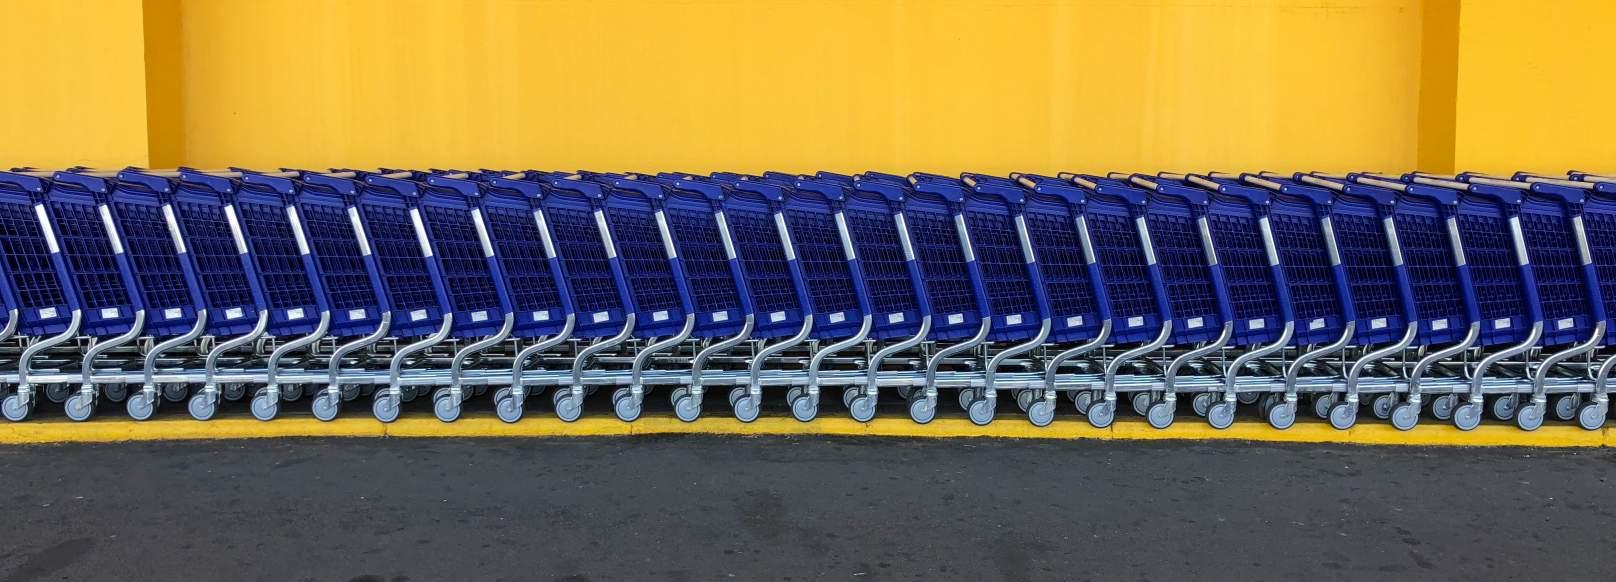 Retail et distribution